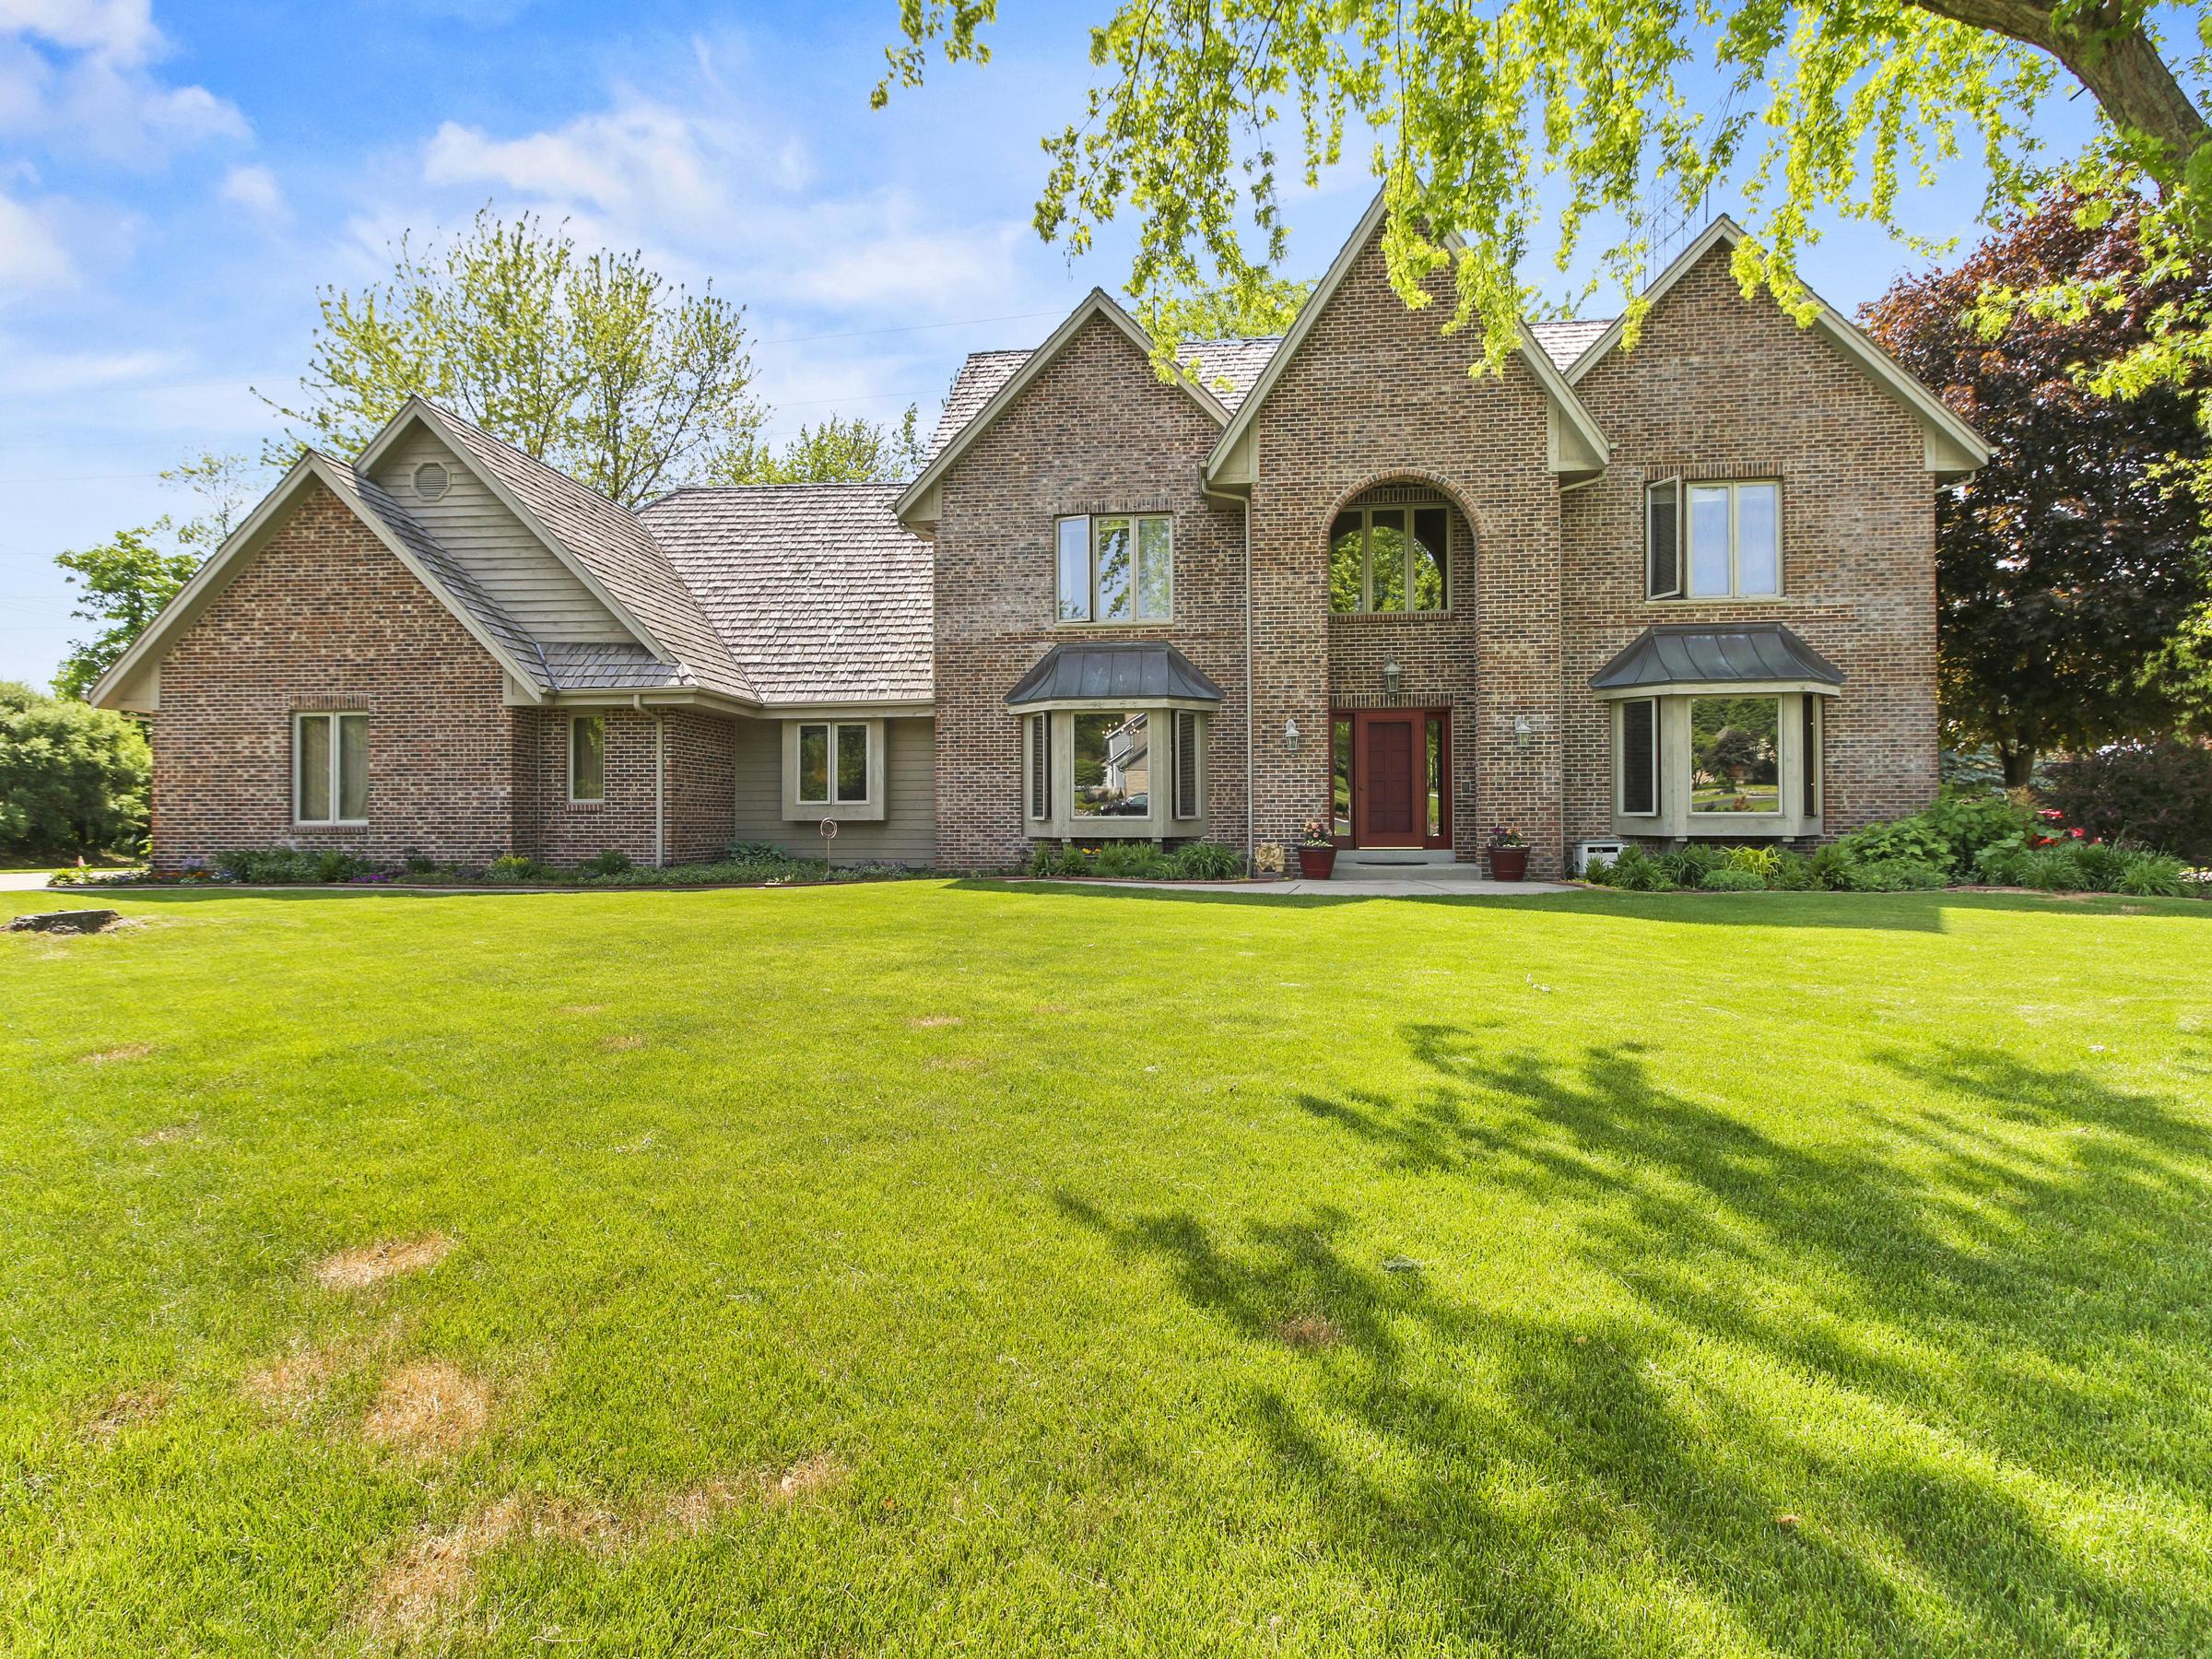 1725 Derrin Ln, Brookfield, Wisconsin 53045, 4 Bedrooms Bedrooms, ,3 BathroomsBathrooms,Single-Family,For Sale,Derrin Ln,1692529